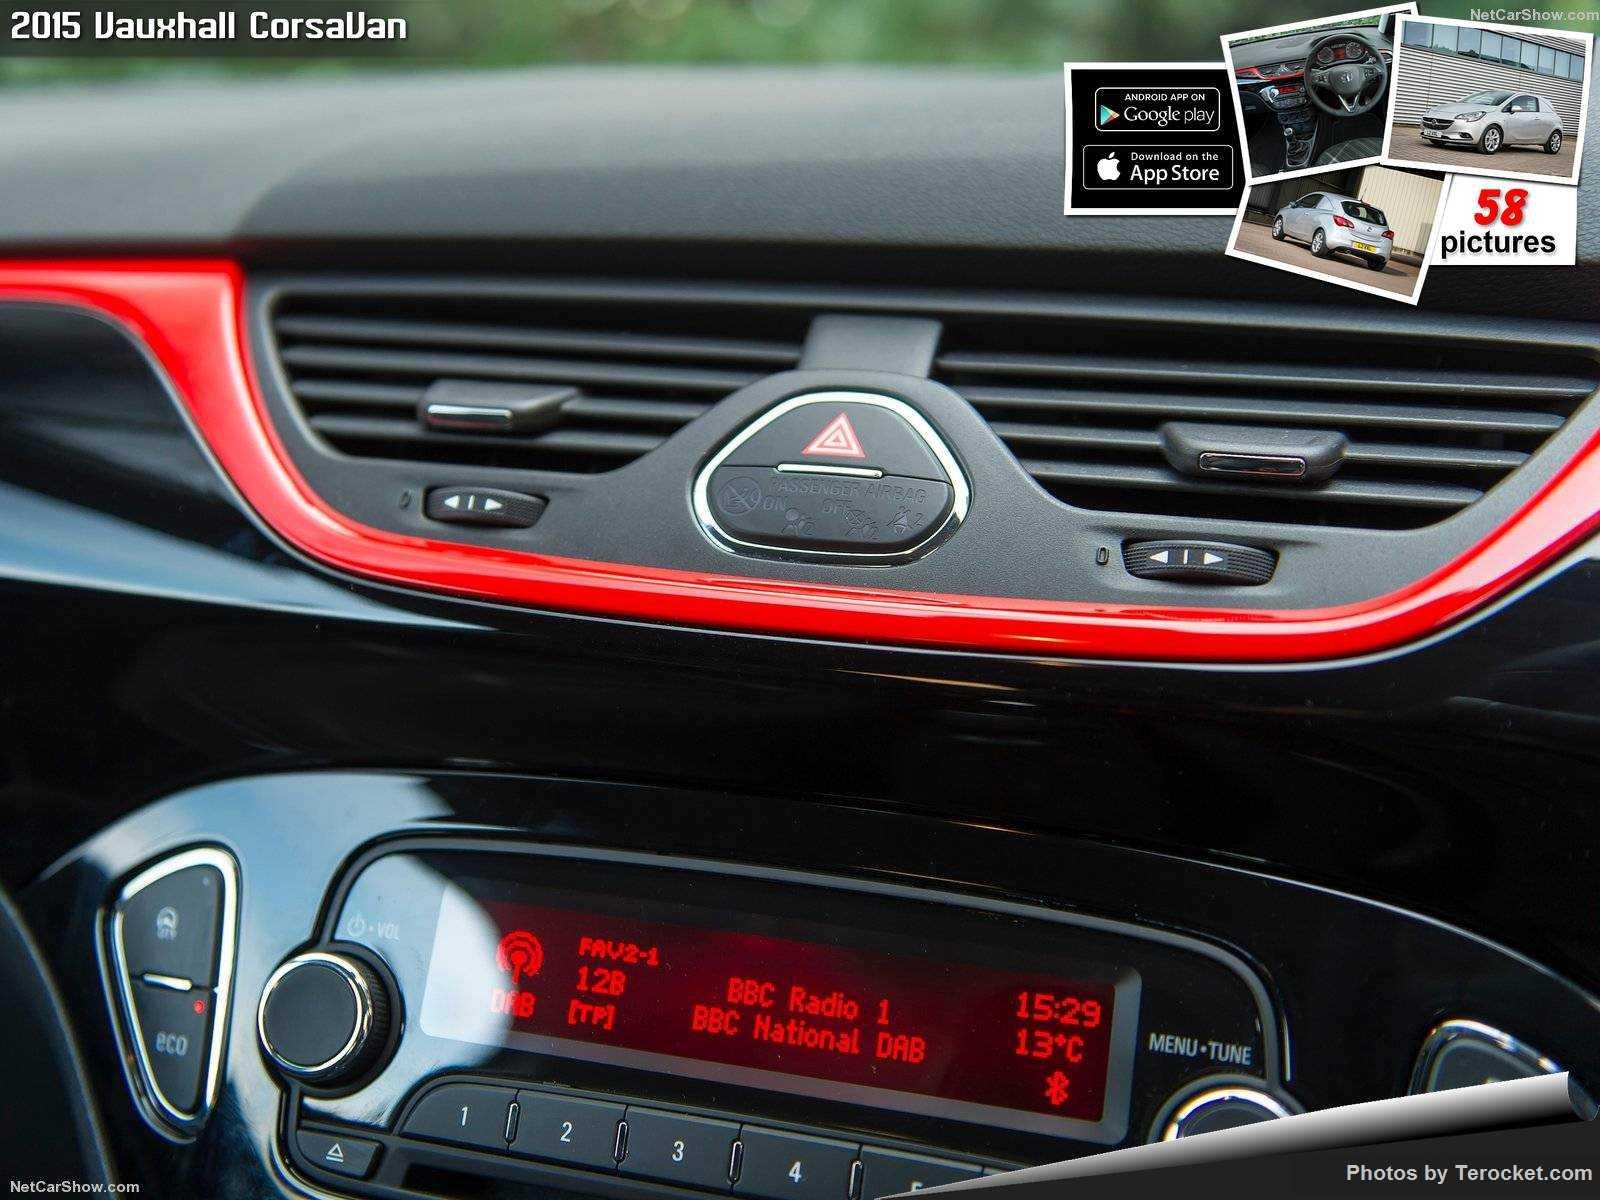 Hình ảnh xe ô tô Vauxhall CorsaVan 2015 & nội ngoại thất